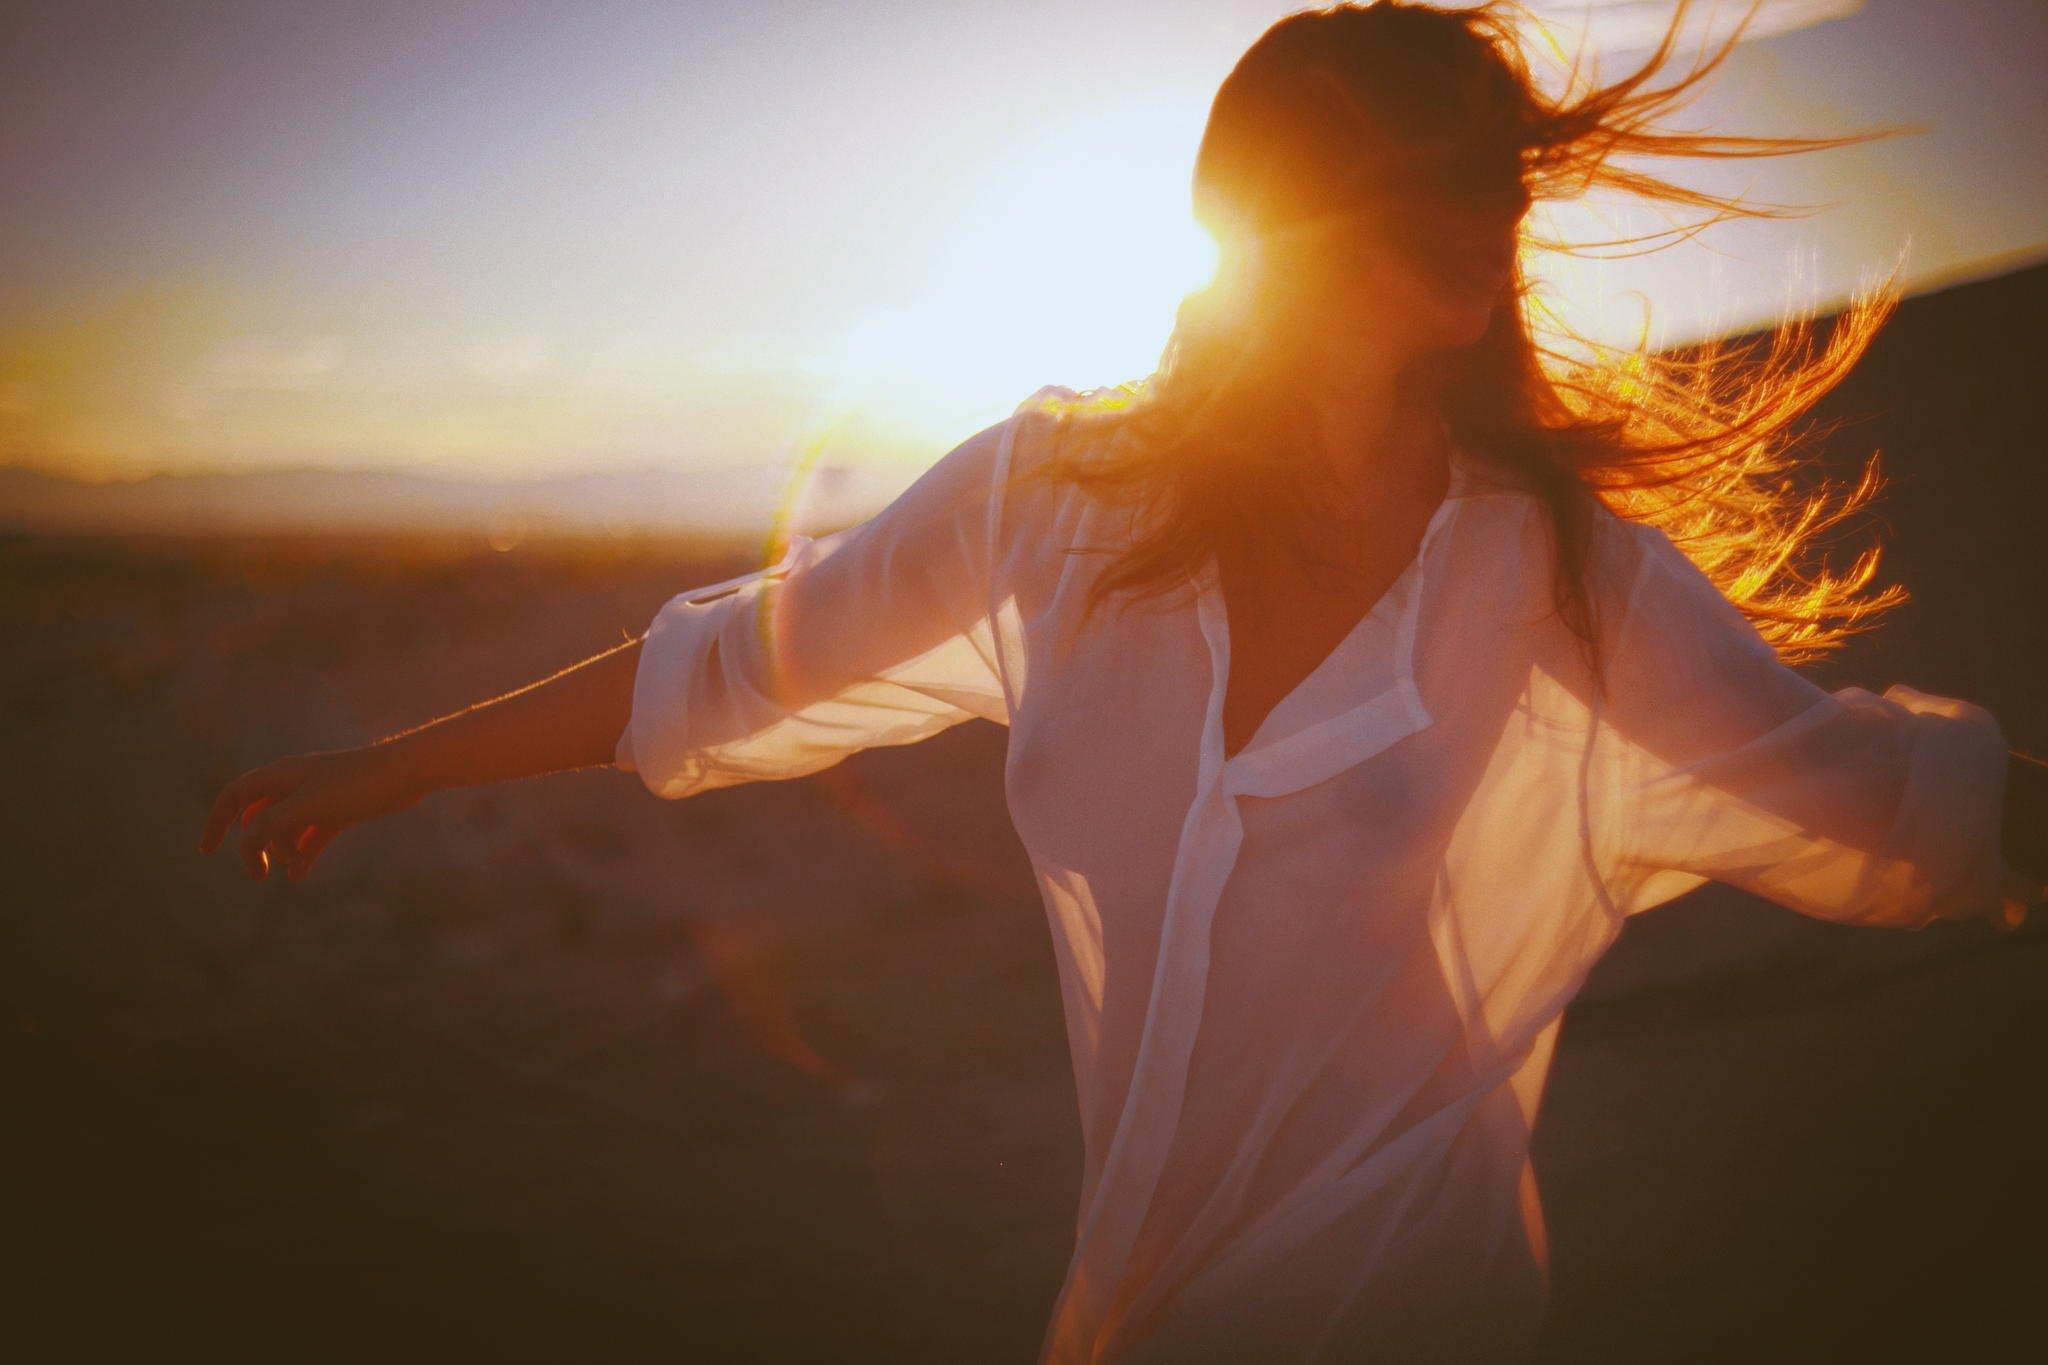 girl summer hair time sunset sunshine wallpaper | 2048x1365 | 487748